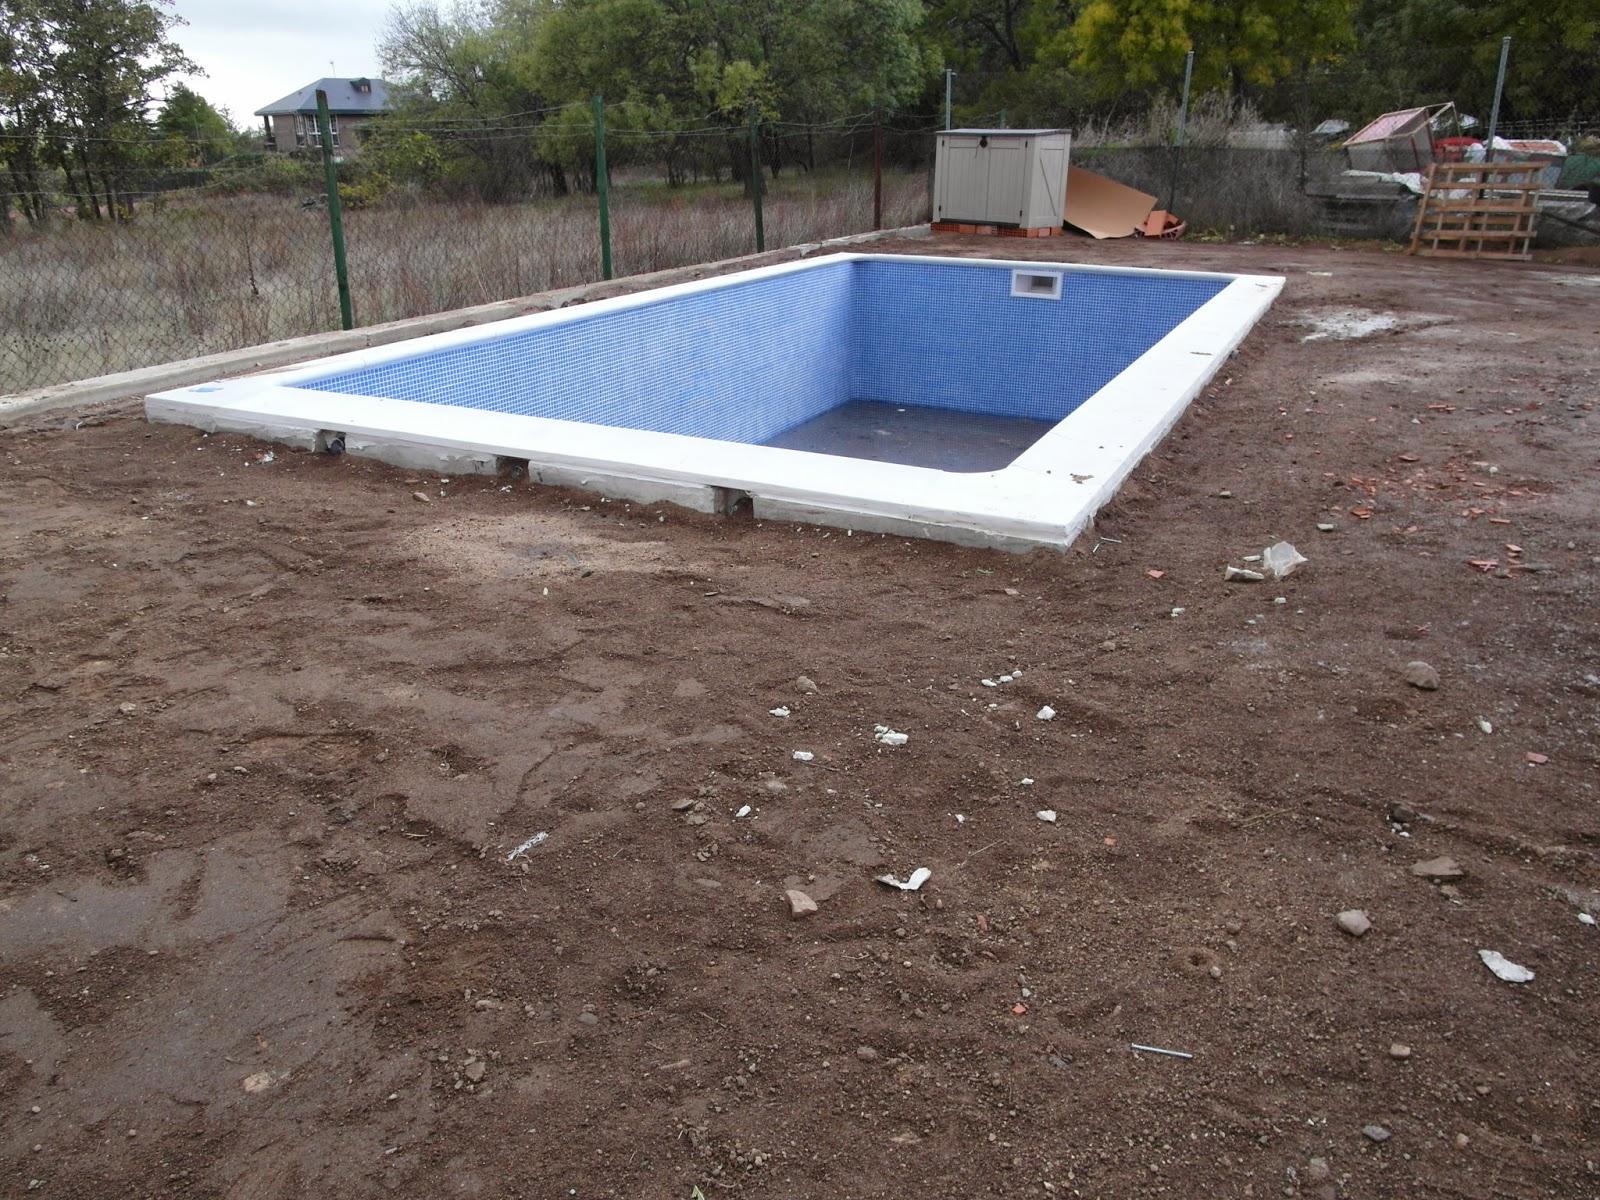 Acerormigon qcasa madrid - Comprar piscina prefabricada ...